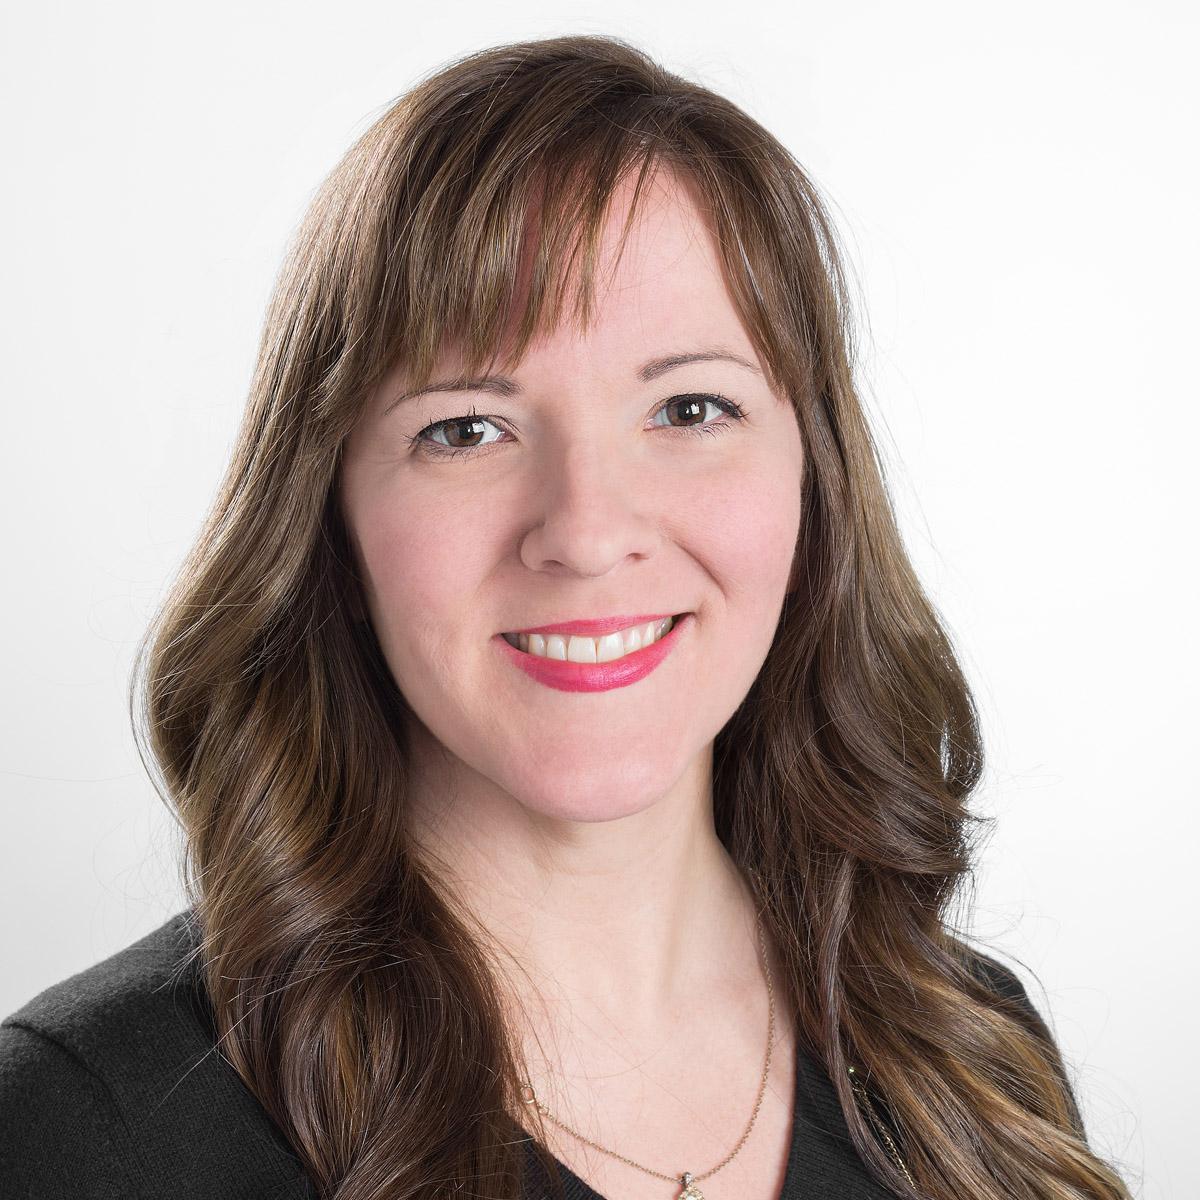 Sara Cullin